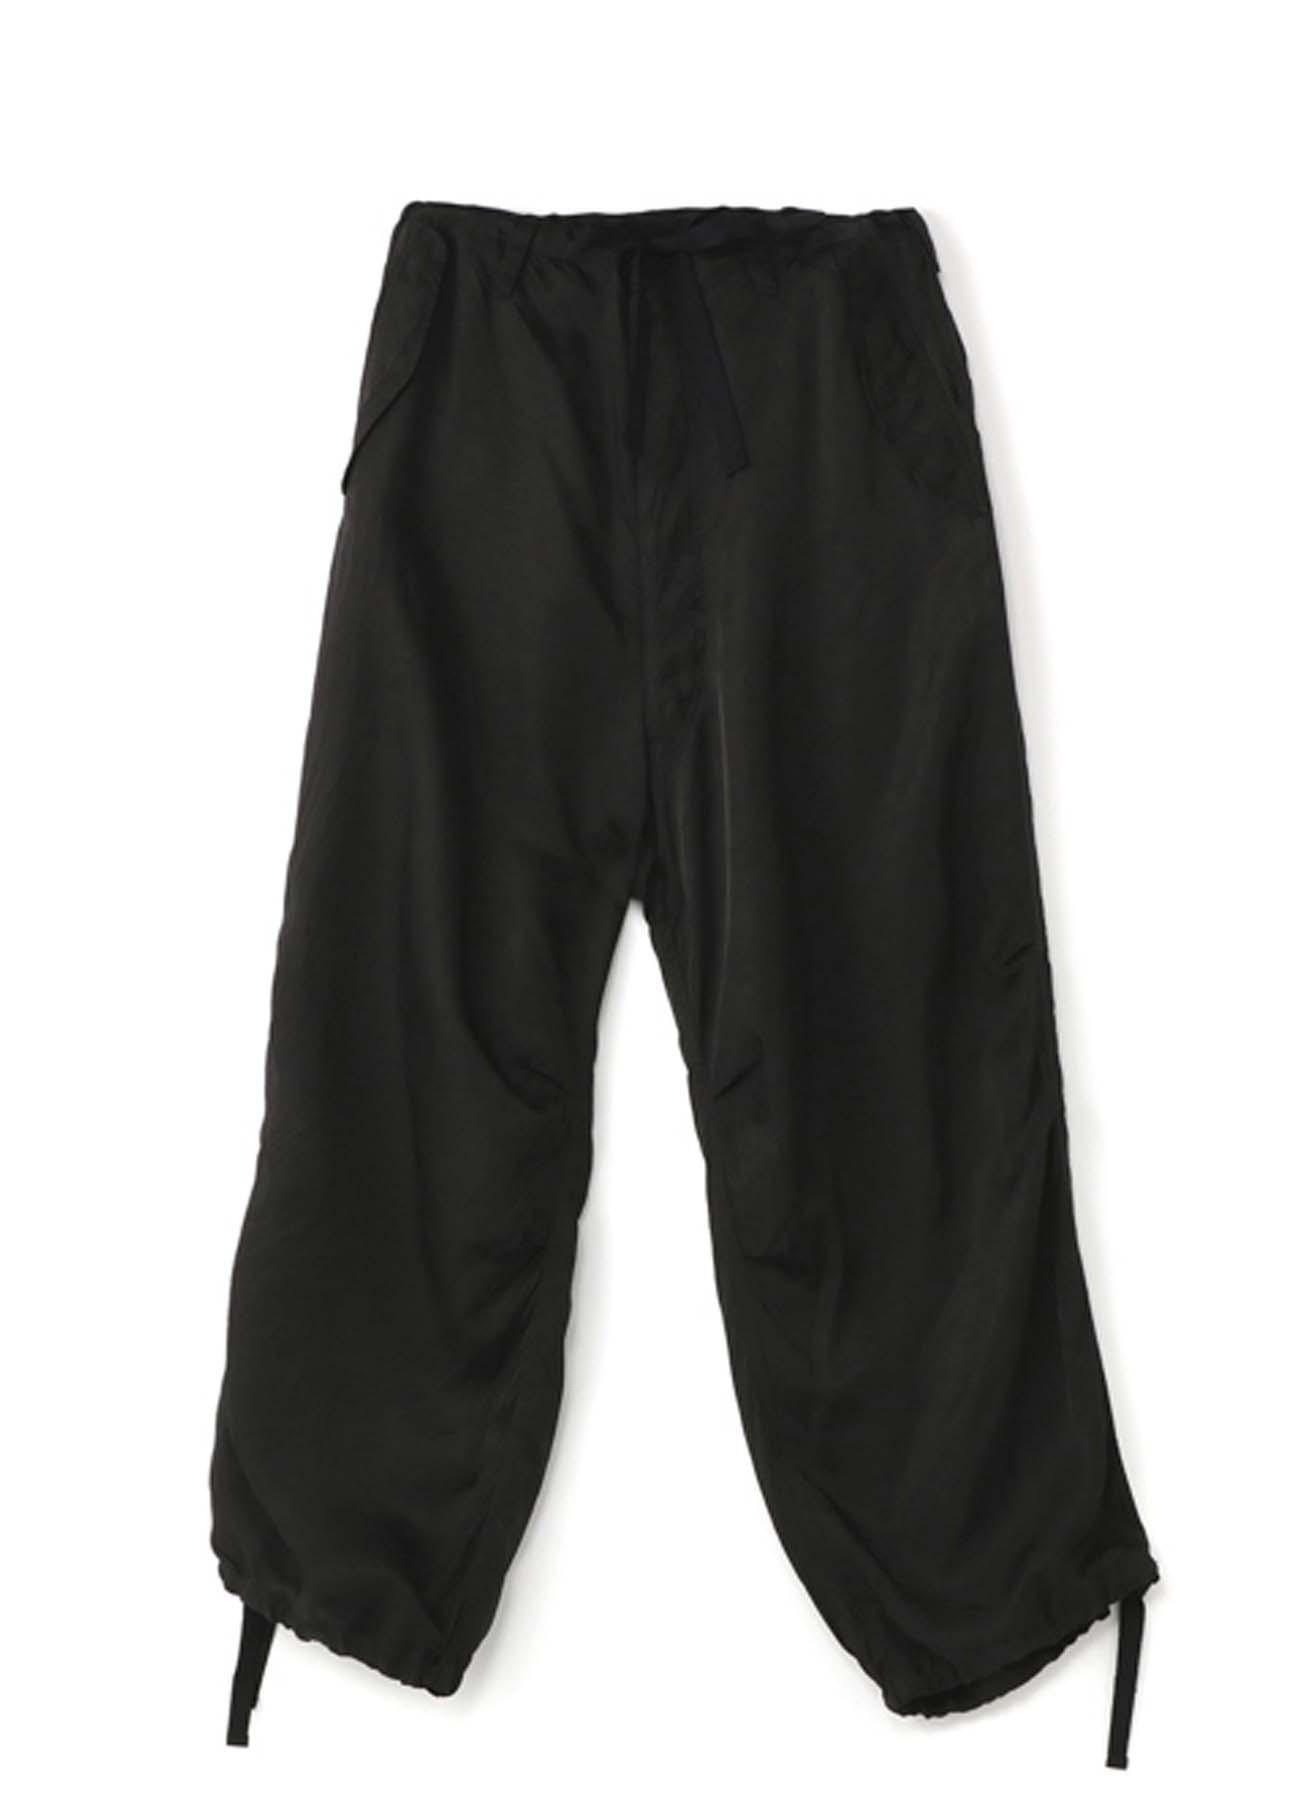 No. 8 轻薄褶皱灯笼裤